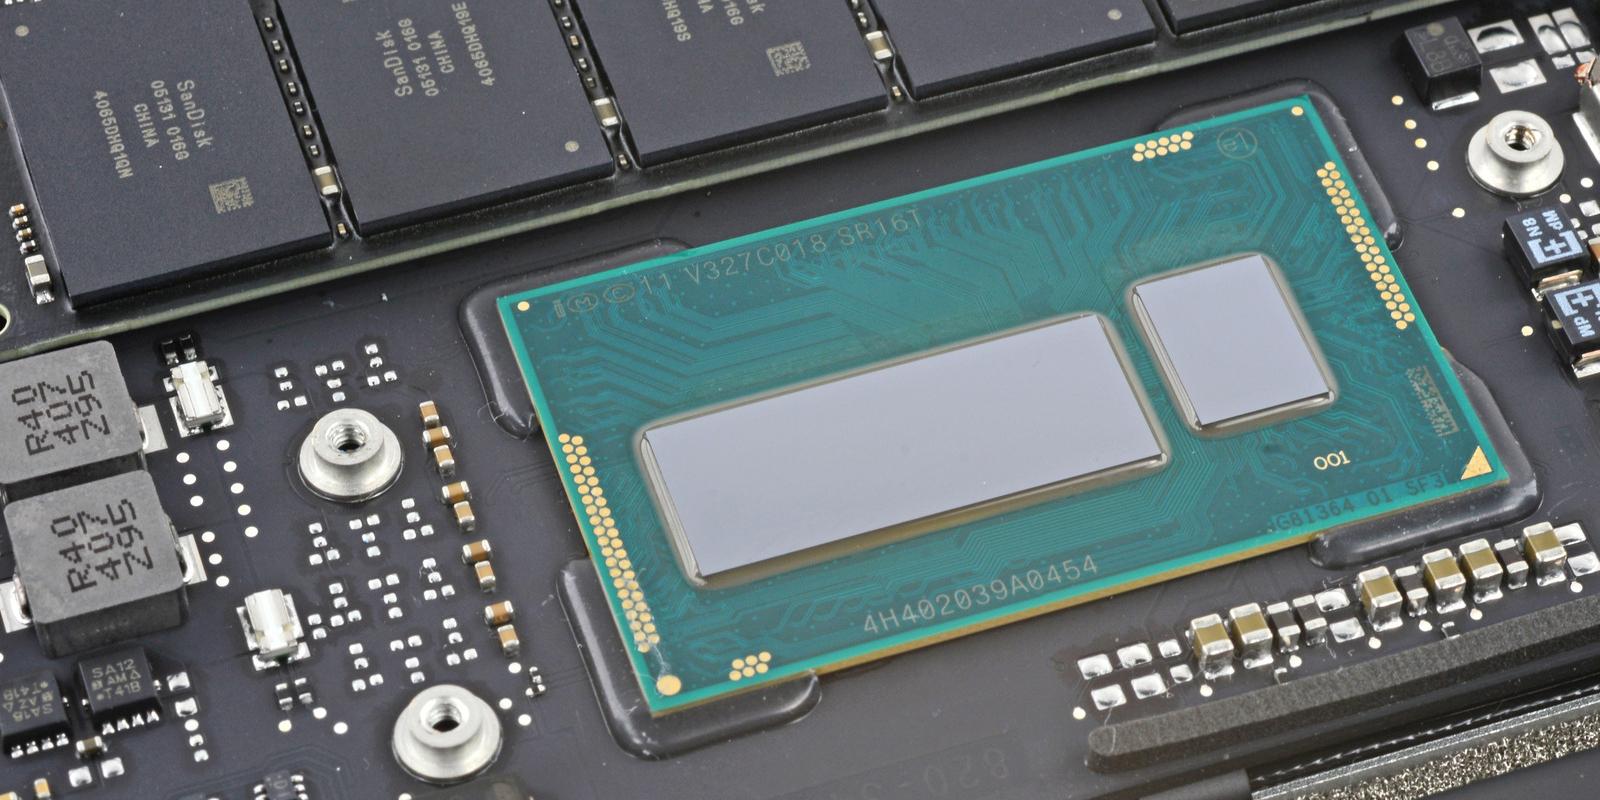 Processador do novo MacBook Air